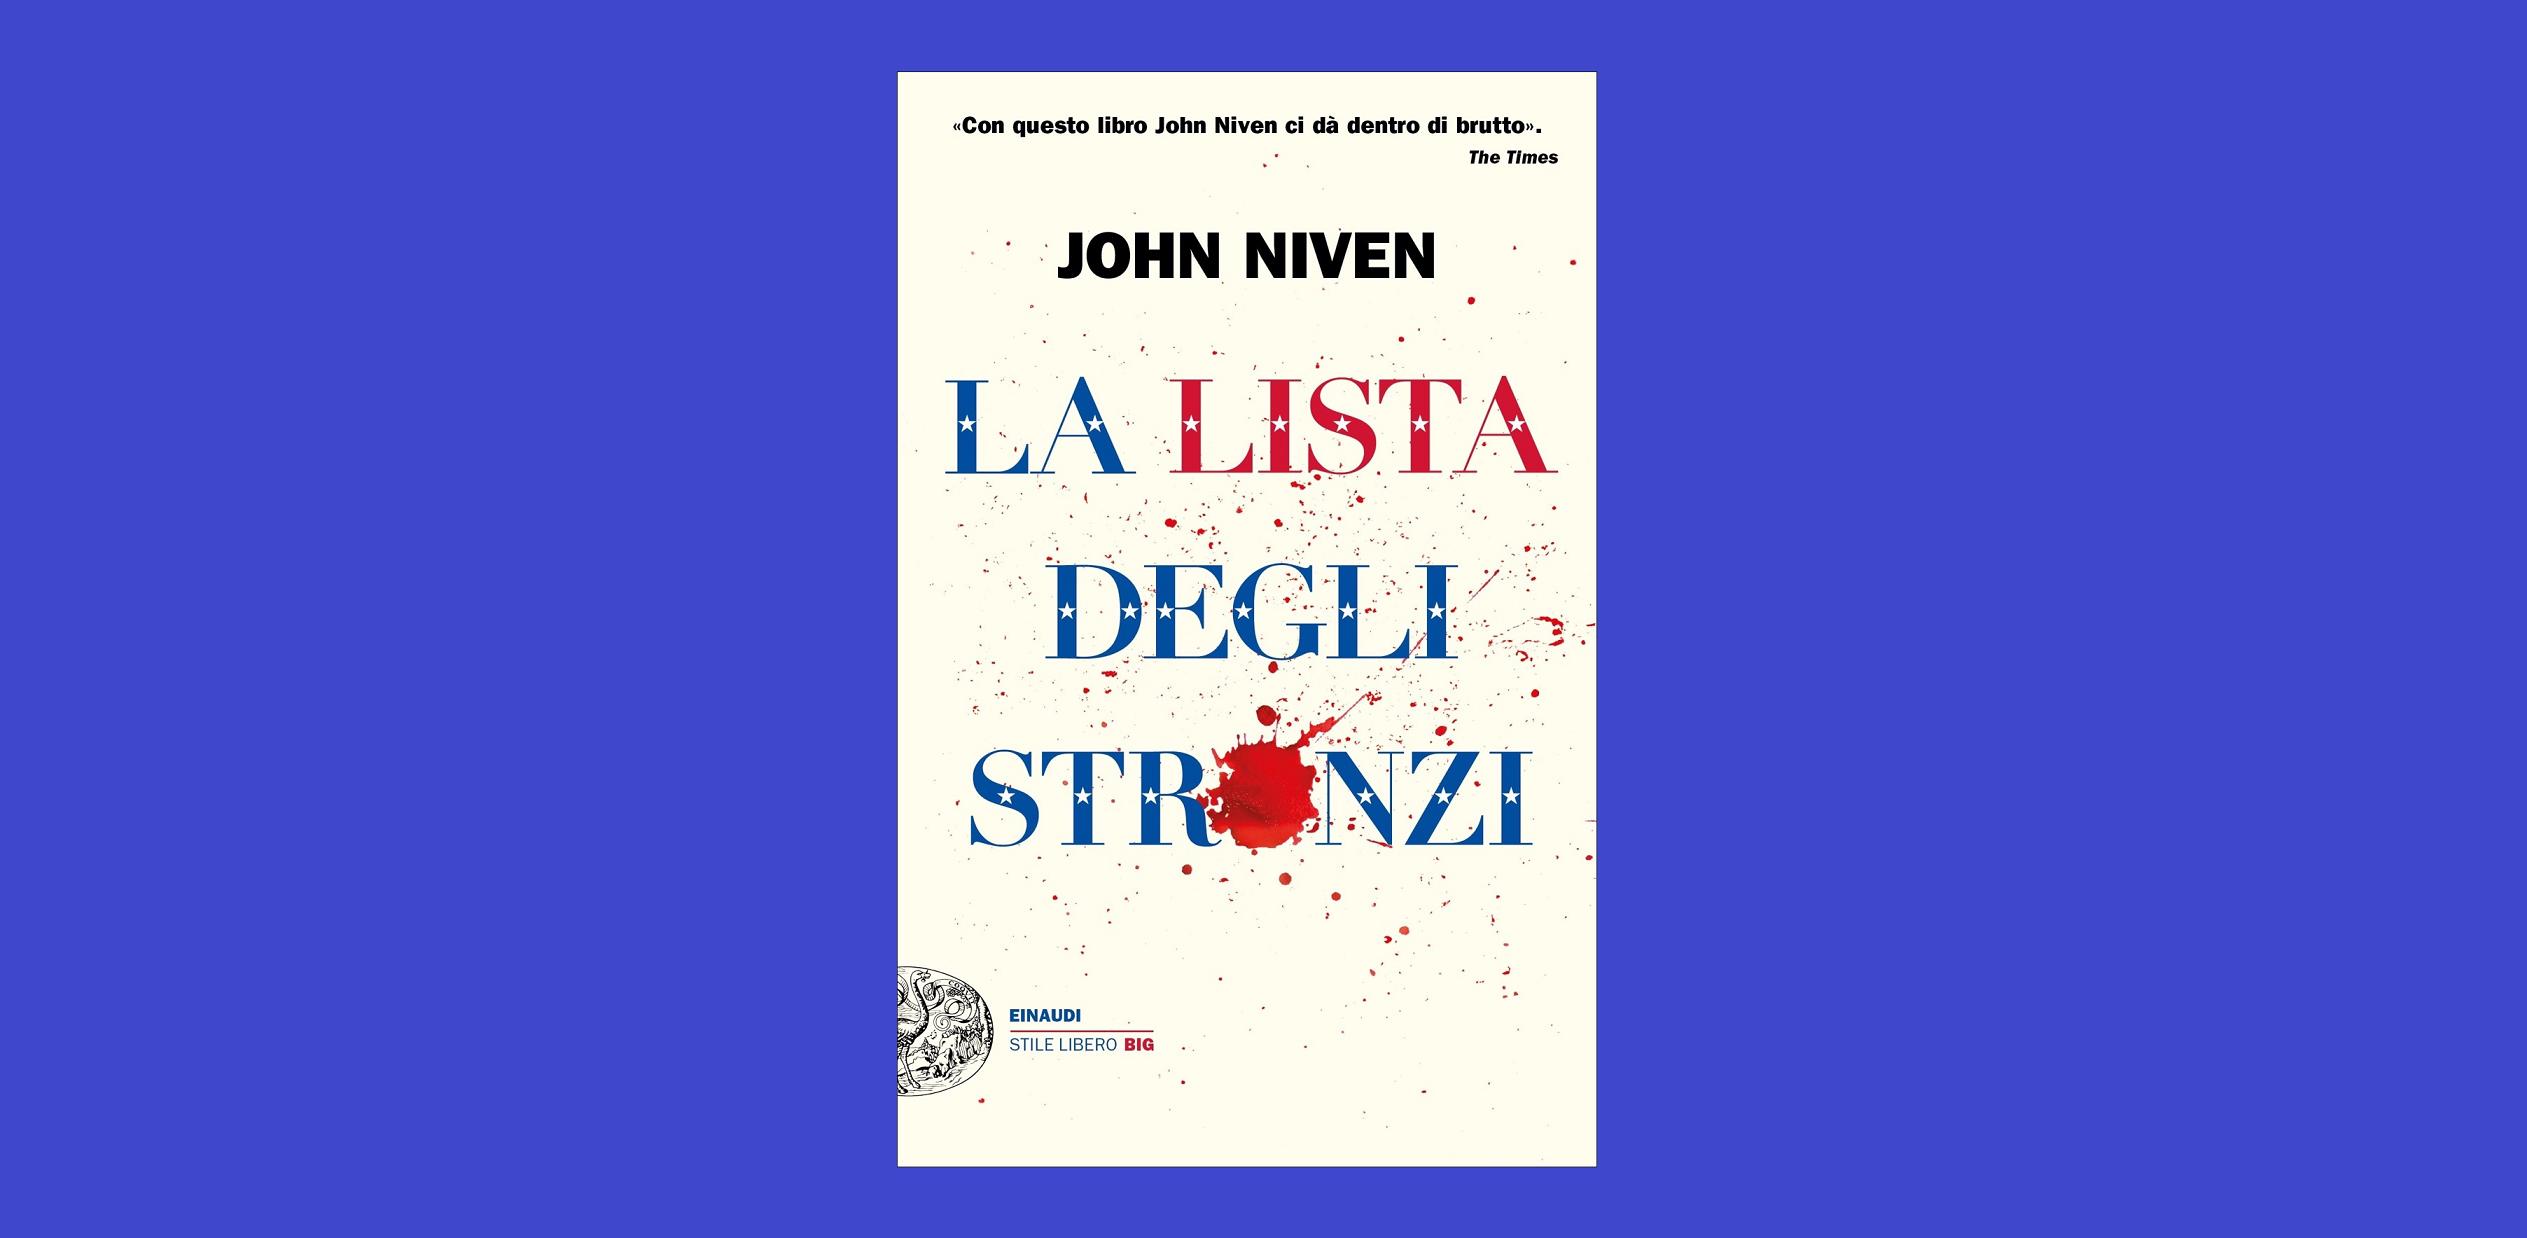 La lista di John Niven parla di noi